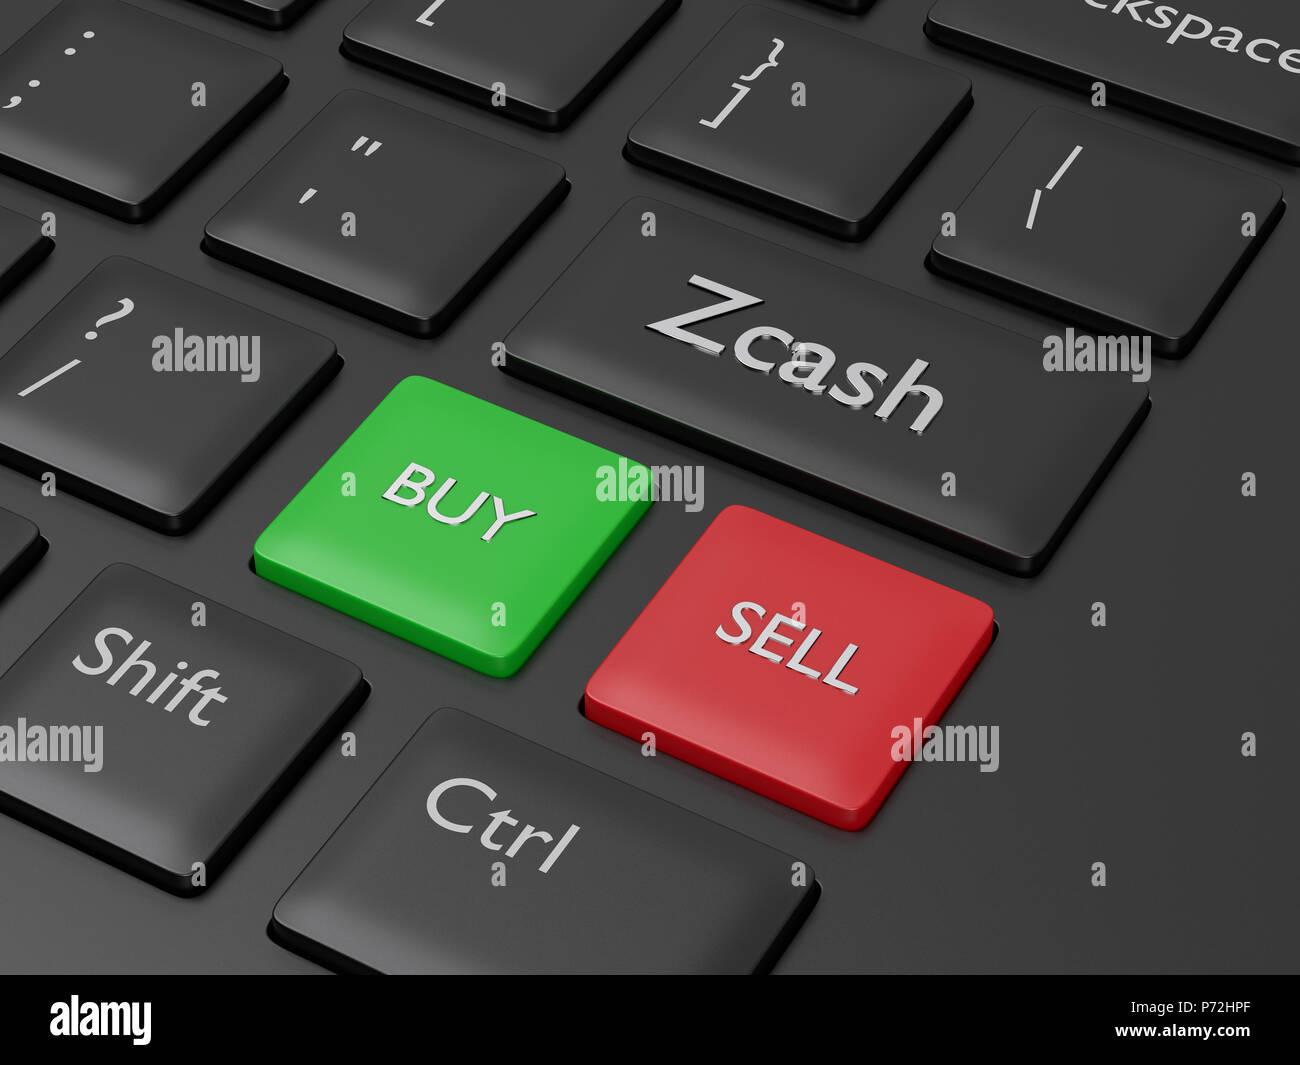 3D render of clavier de l'ordinateur avec Zcash bouton. Concept Cryptocurrencies. Banque D'Images